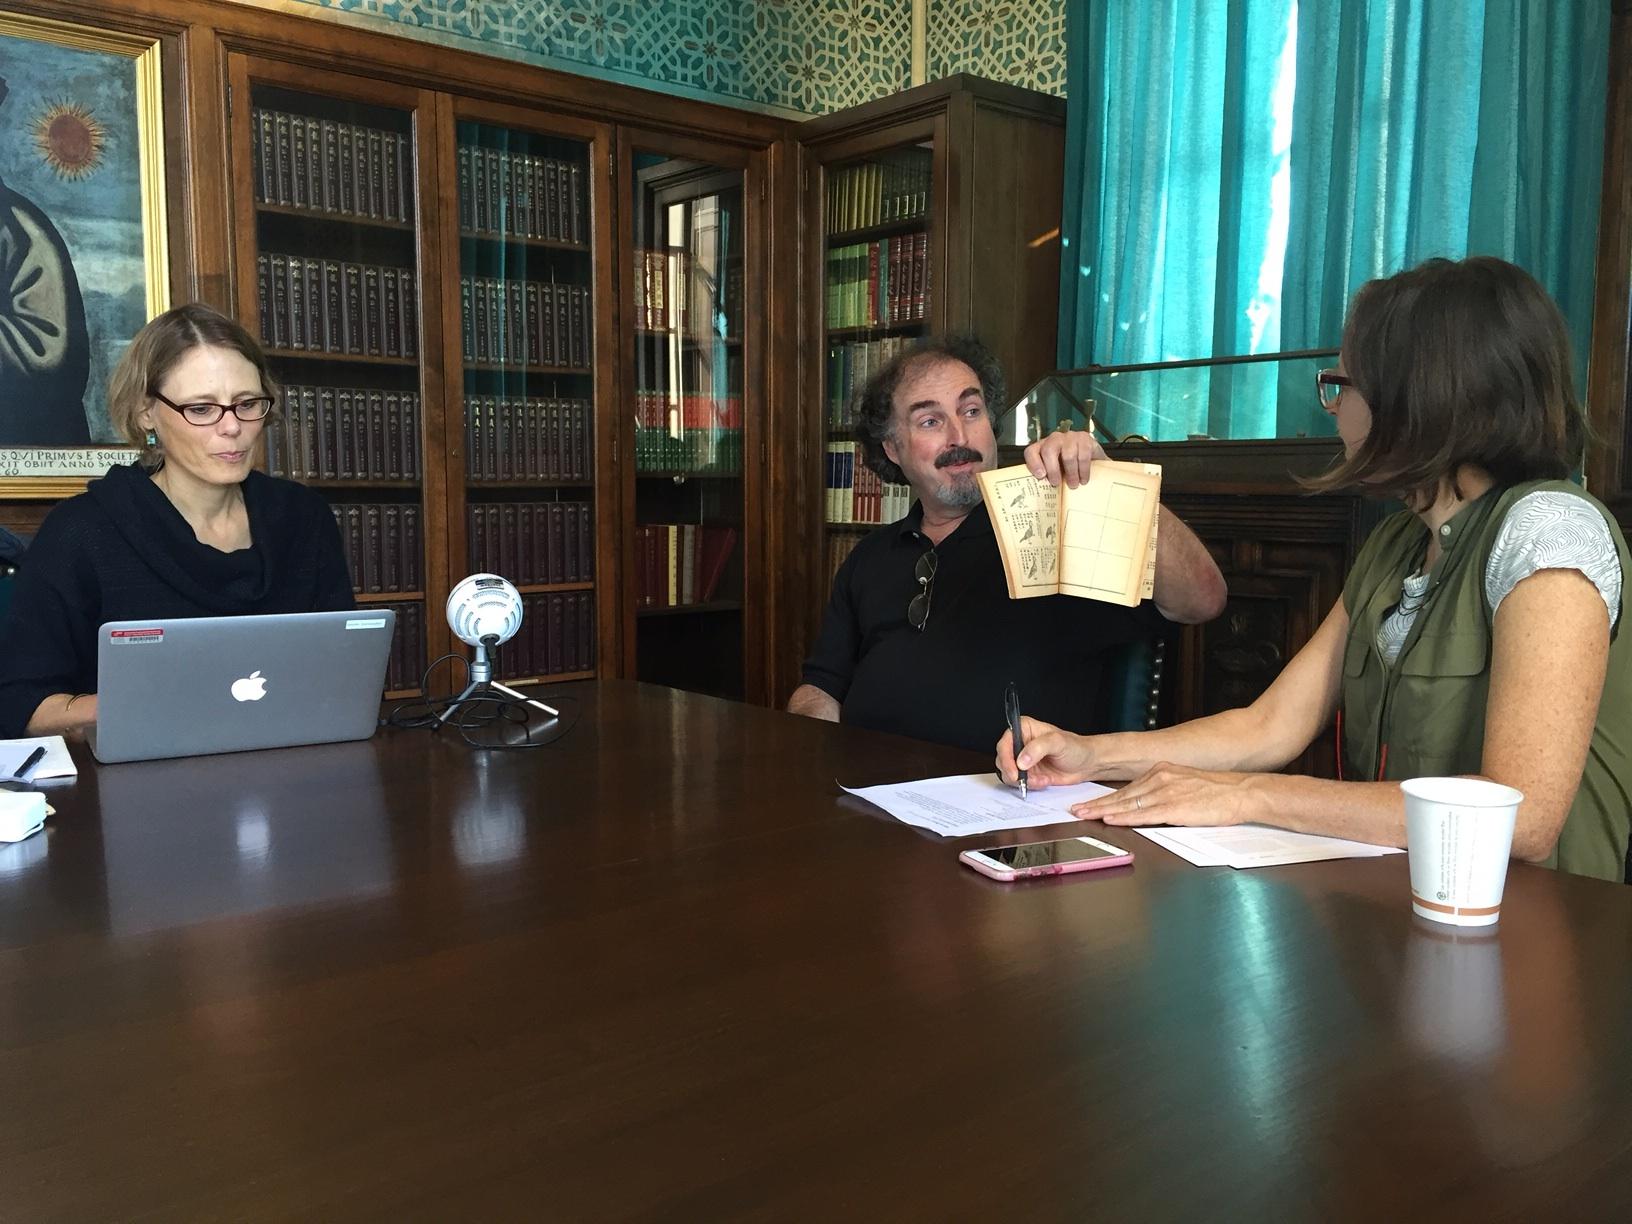 Interview with Mark Mir, archivist